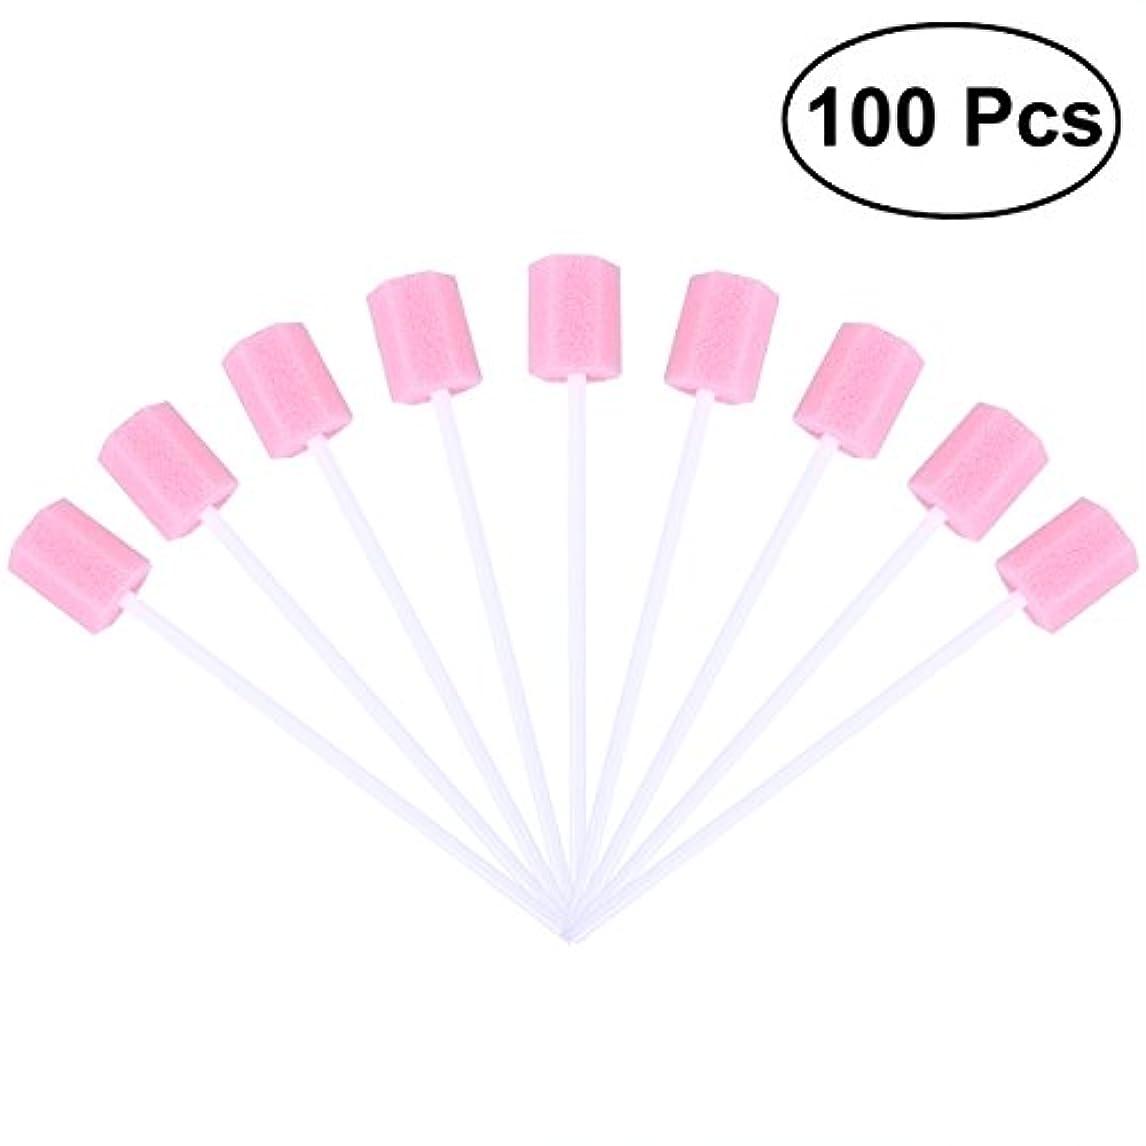 漏斗つかいます報いるROSENICE 使い捨て口腔ケアスポンジスワブ歯口洗浄スワブ100個(ピンク)